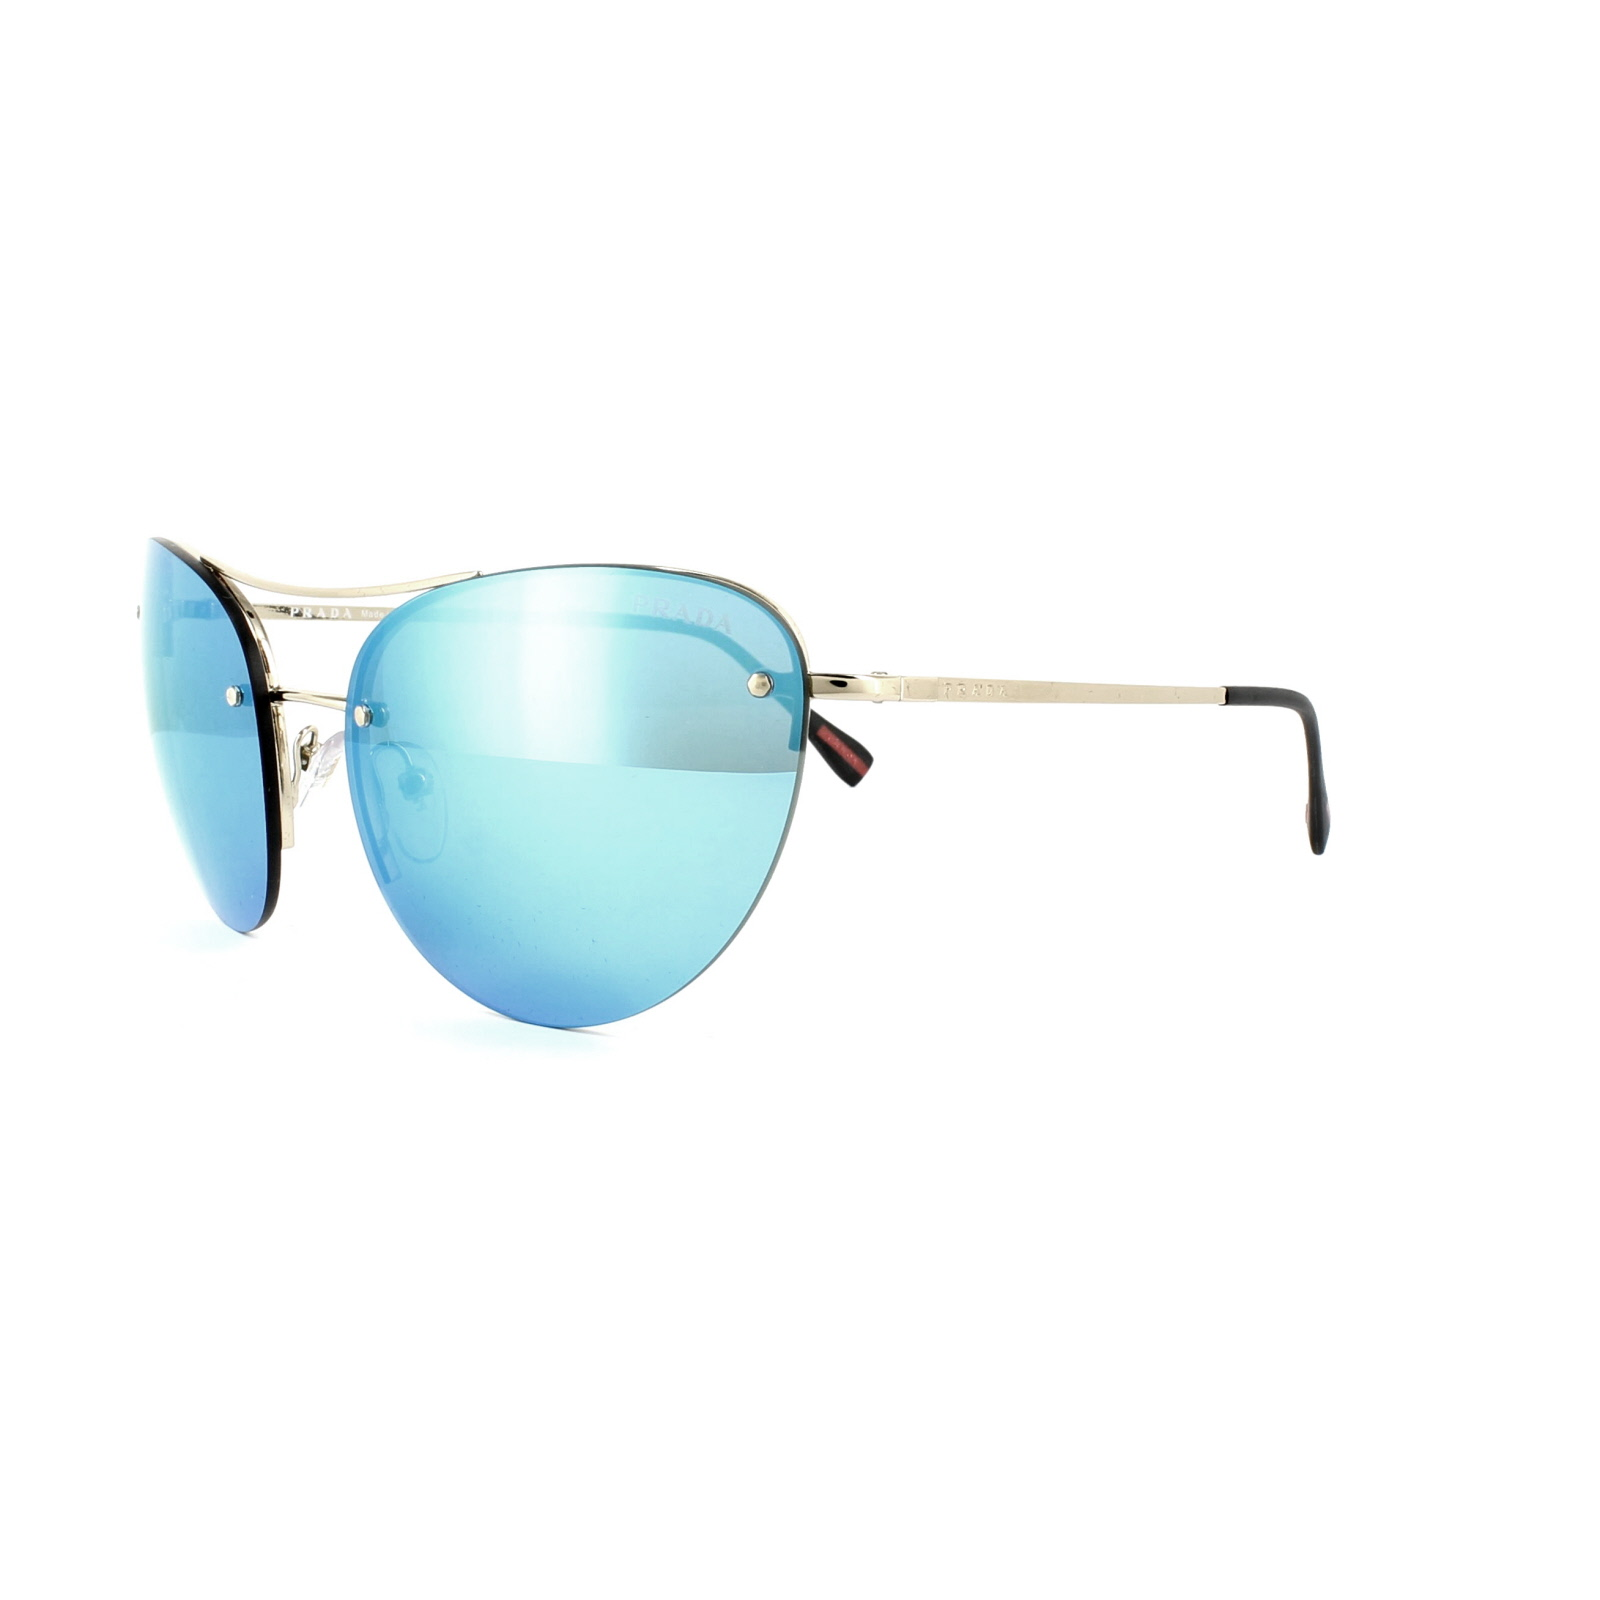 36edd813e5f0 czech prada blue mirror sunglasses e8584 15eb0